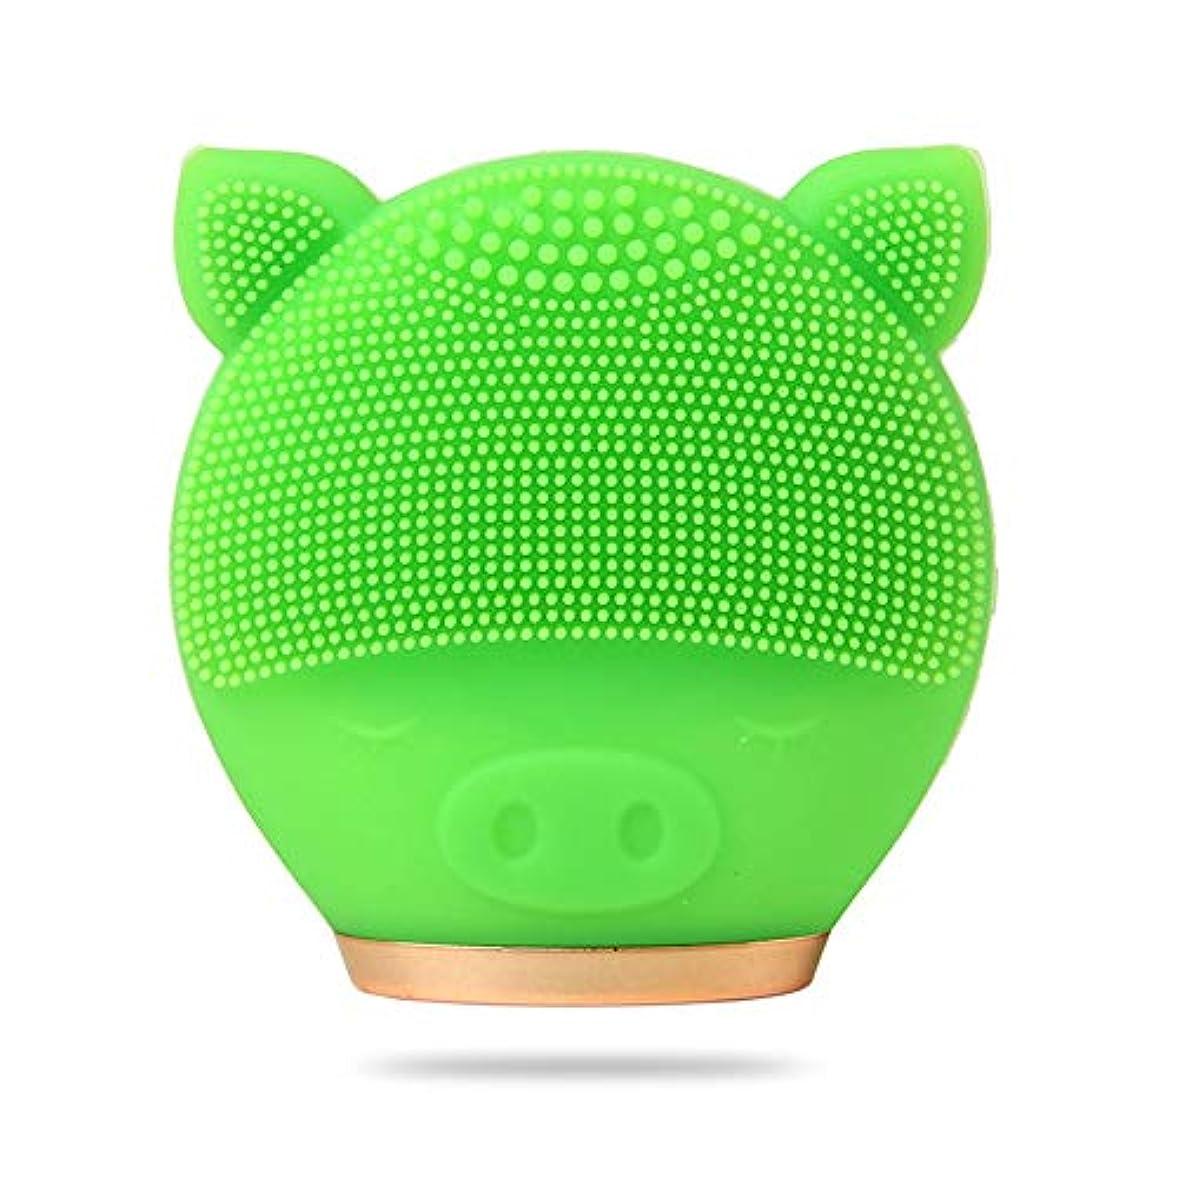 遠征所有権バイソンZXF 新しい豚モデル電気クレンジング楽器シリコーン超音波振動洗浄顔顔毛穴クリーナー美容器具 滑らかである (色 : Green)